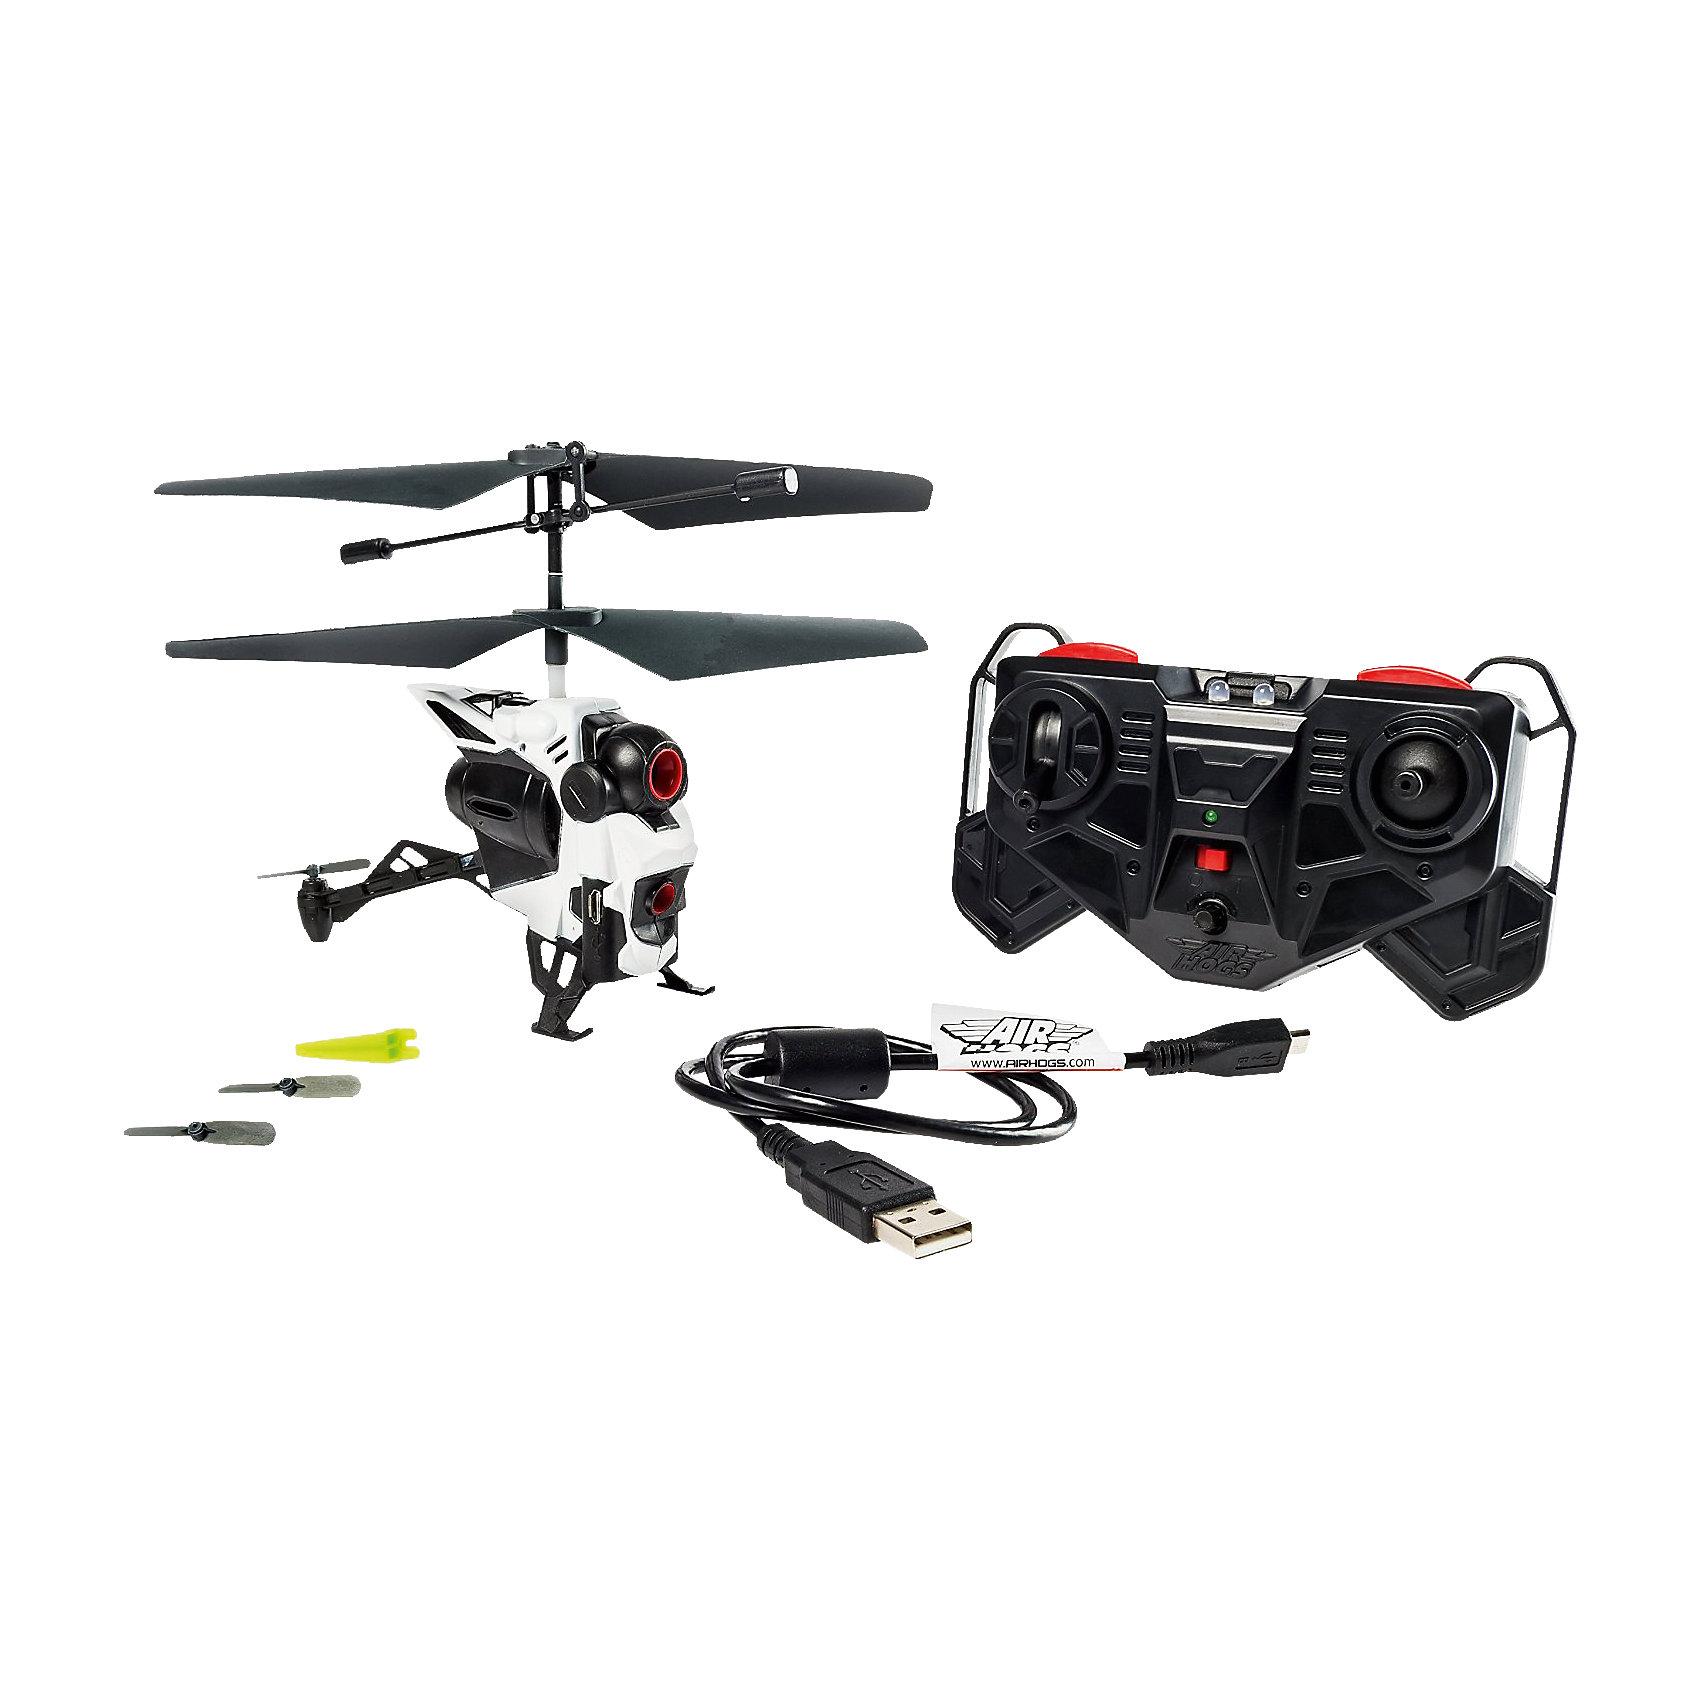 Вертолёт с камерой, AIR HOGSР/У Самолёты и вертолёты<br>Вертолёт с камерой, AIR HOGS (Эйр Хогс) может снимать видео и делать фотографии во время полета! Управление вертолетом и камерой осуществляется с помощью 3-канального инфракрасного пульта управления. Камера записывает видео и фото на встроенную память, откуда отснятый материал можно скопировать на компьютер через USB и сделать потрясающую нарезку с кадрами головокружительного полета!<br><br>Характеристики:<br>-Полная зарядка аккумулятора: 40 минут<br>-5 минут непрерывного полета<br>-Питание: встроенный аккумулятор 3.7V LiPo<br>-Управление: пульт д/у<br>-Возможности: фото-видеосъемка с разрешением 0,3 мегапикселя<br>-Зарядка: от ПК или других устройств при помощи USB-кабеля <br>-Объем встроенной памяти: 128 мегабайт<br>-Предназначен для полетов в помещении или на улице в сухую безветренную погоду<br>-Изготовлен из ударопрочного материала <br>-Встроенный гироскоп и система стабилизации обеспечивает плавность полета и видеоматериала<br><br>Комплектация: вертолет, пульт управления, USB-кабель, устройство для снятия рулевого винта, 2 дополнительных рулевых винта, инструкция<br><br>Дополнительная информация:<br>-Материалы: пластик, металл<br>-Размеры в упаковке: 30,5х7х28 см<br>-Вес в упаковке: 550 г<br>-Требуются 3 батарейки типа ААА (в набор НЕ входят)<br>-Размеры вертолета: 16х13х5 см<br><br>Потрясающий радиоуправляемый вертолет с камерой, подаренный ребенку, захватит дух и вызовет бурю положительных эмоций!<br><br>Вертолёт с камерой, AIR HOGS (Эйр Хогс) можно купить в нашем магазине.<br><br>Ширина мм: 279<br>Глубина мм: 95<br>Высота мм: 305<br>Вес г: 520<br>Возраст от месяцев: 120<br>Возраст до месяцев: 180<br>Пол: Мужской<br>Возраст: Детский<br>SKU: 4038004